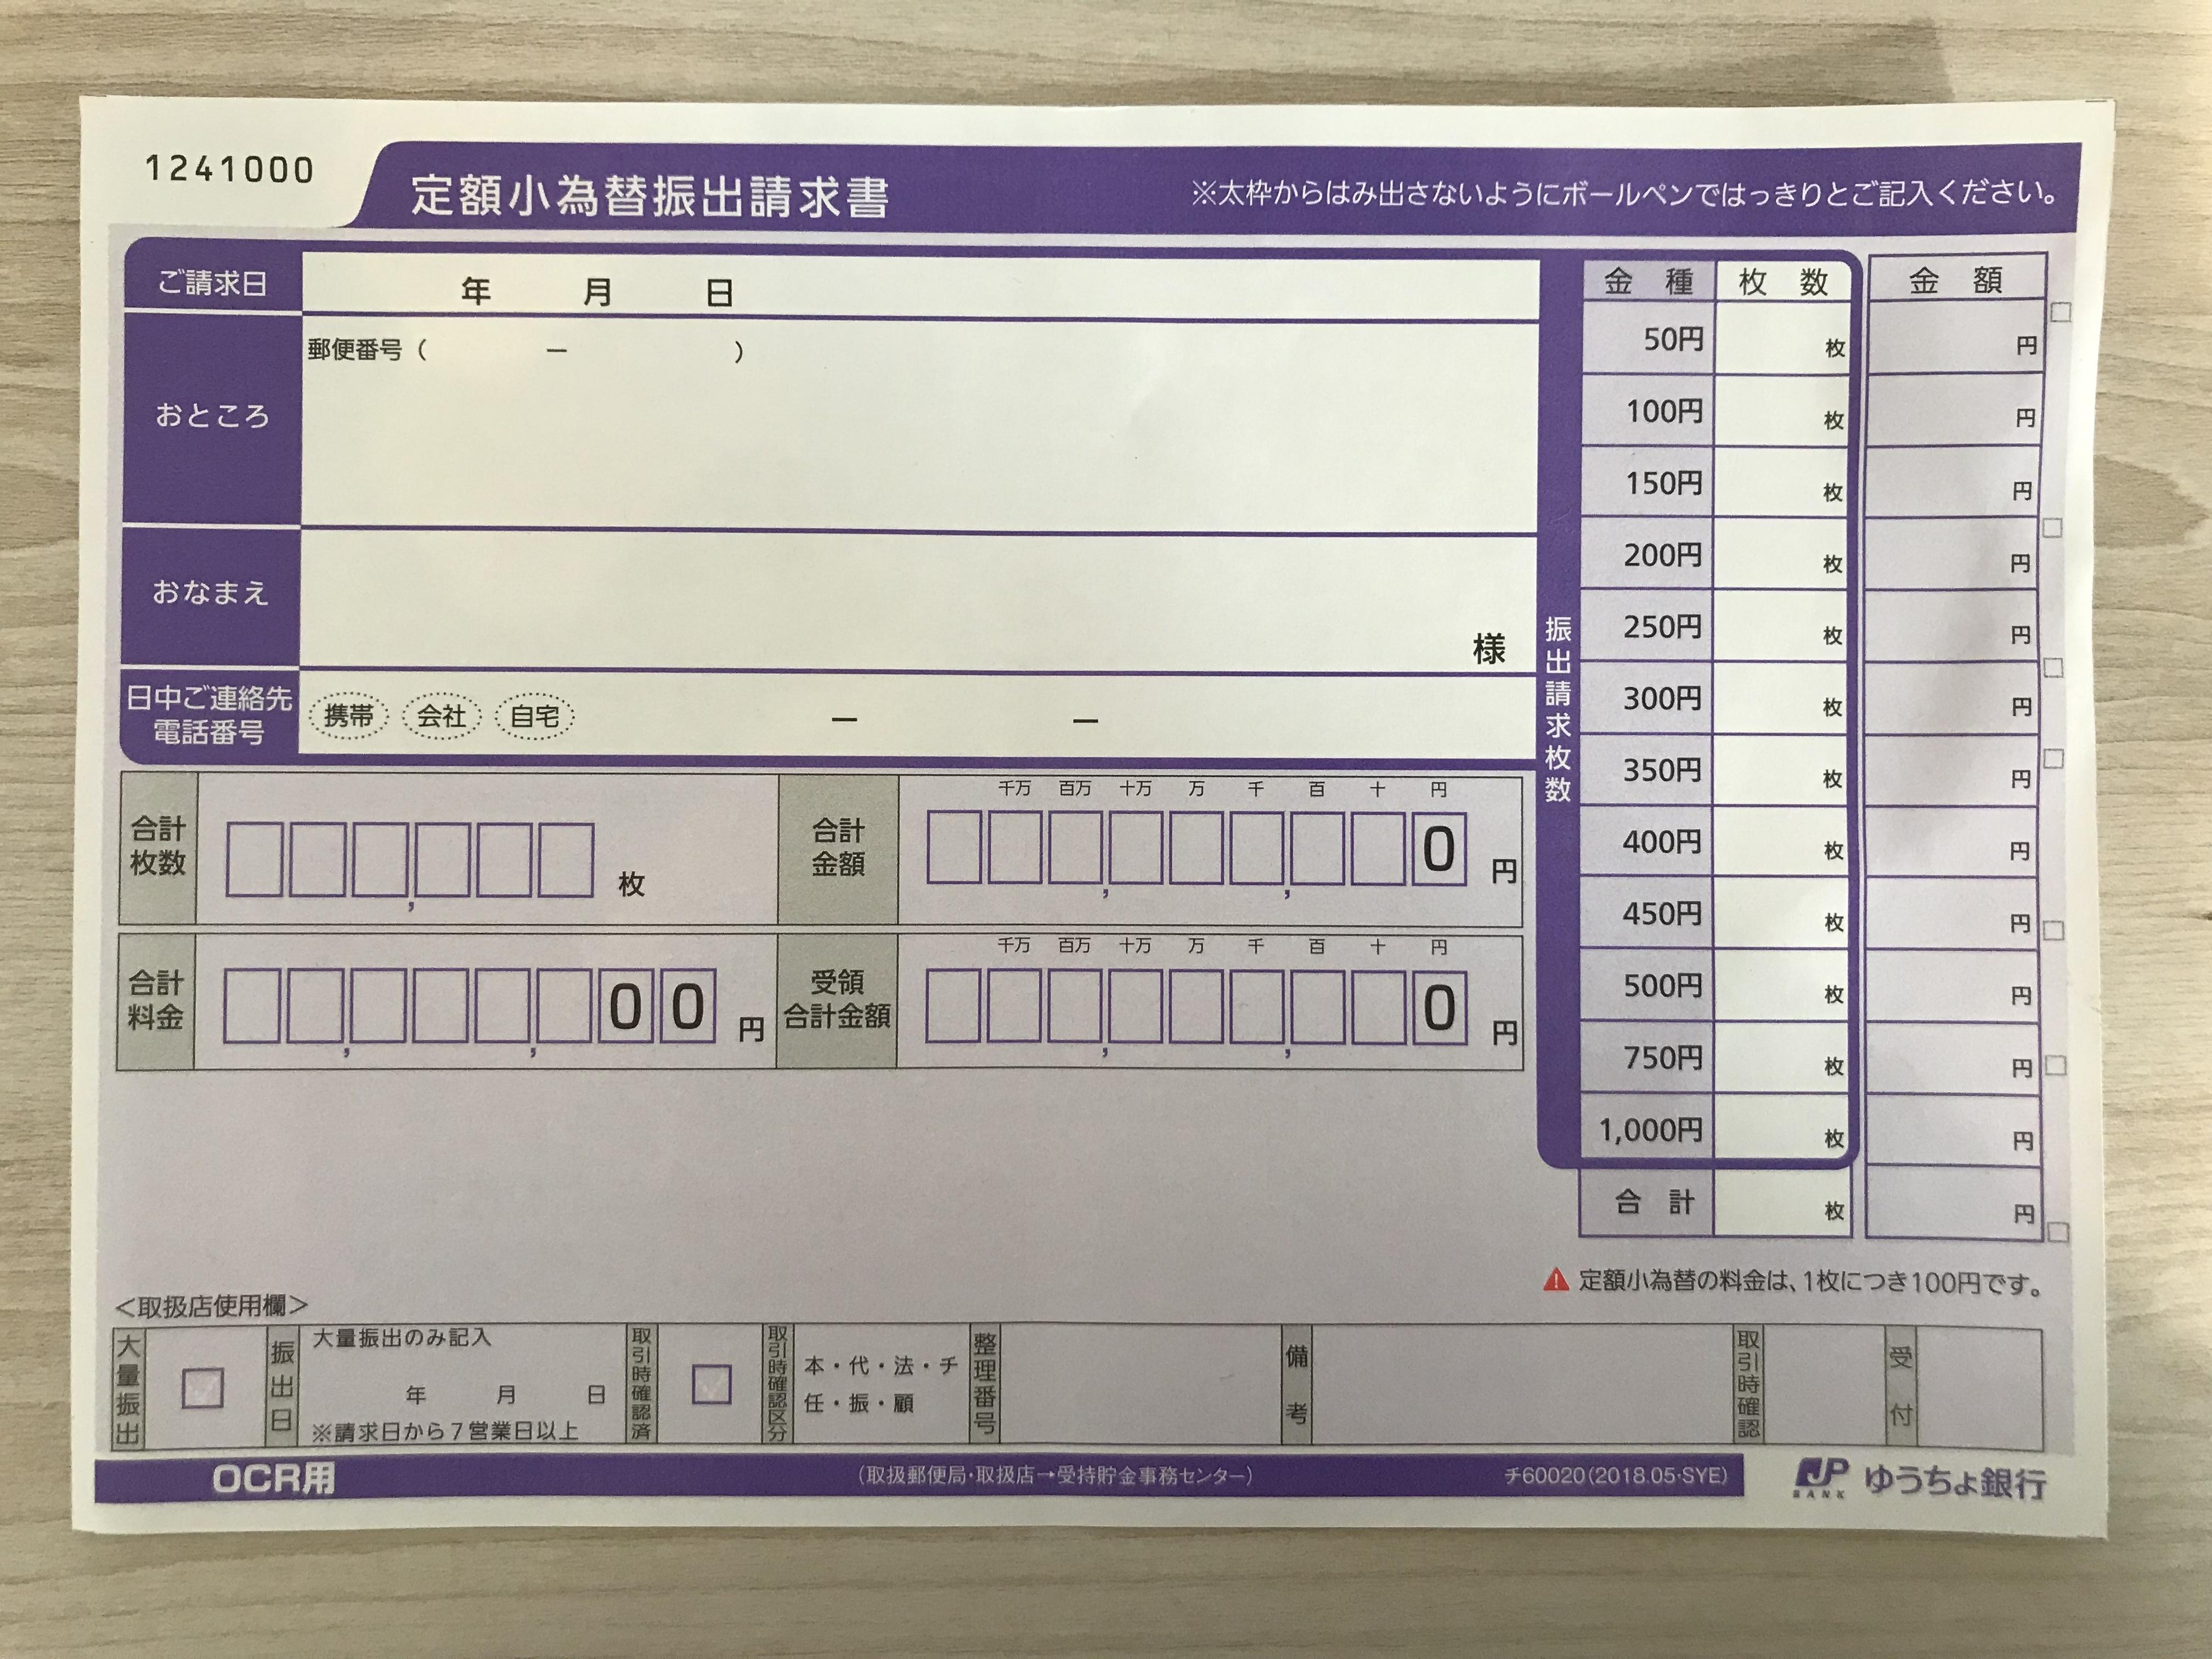 戸籍の郵送取り寄せの定額小為替請求書